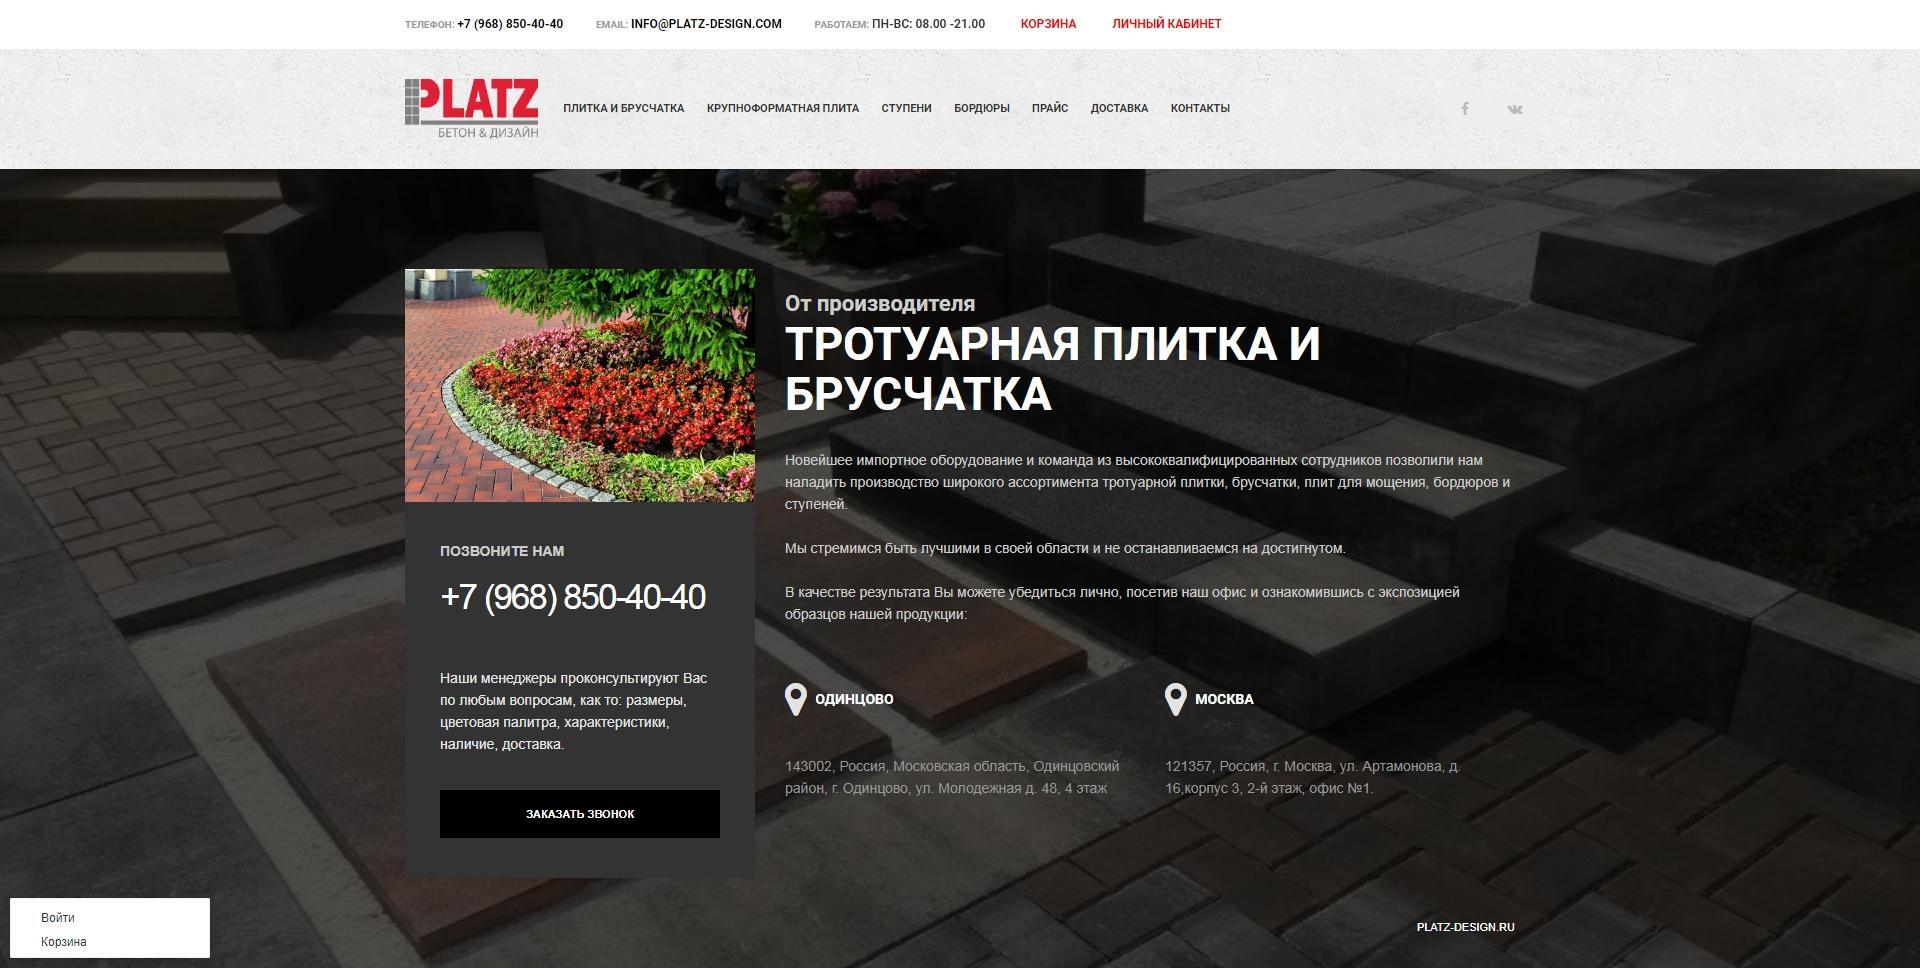 Интернет-магазин на битрикс 24